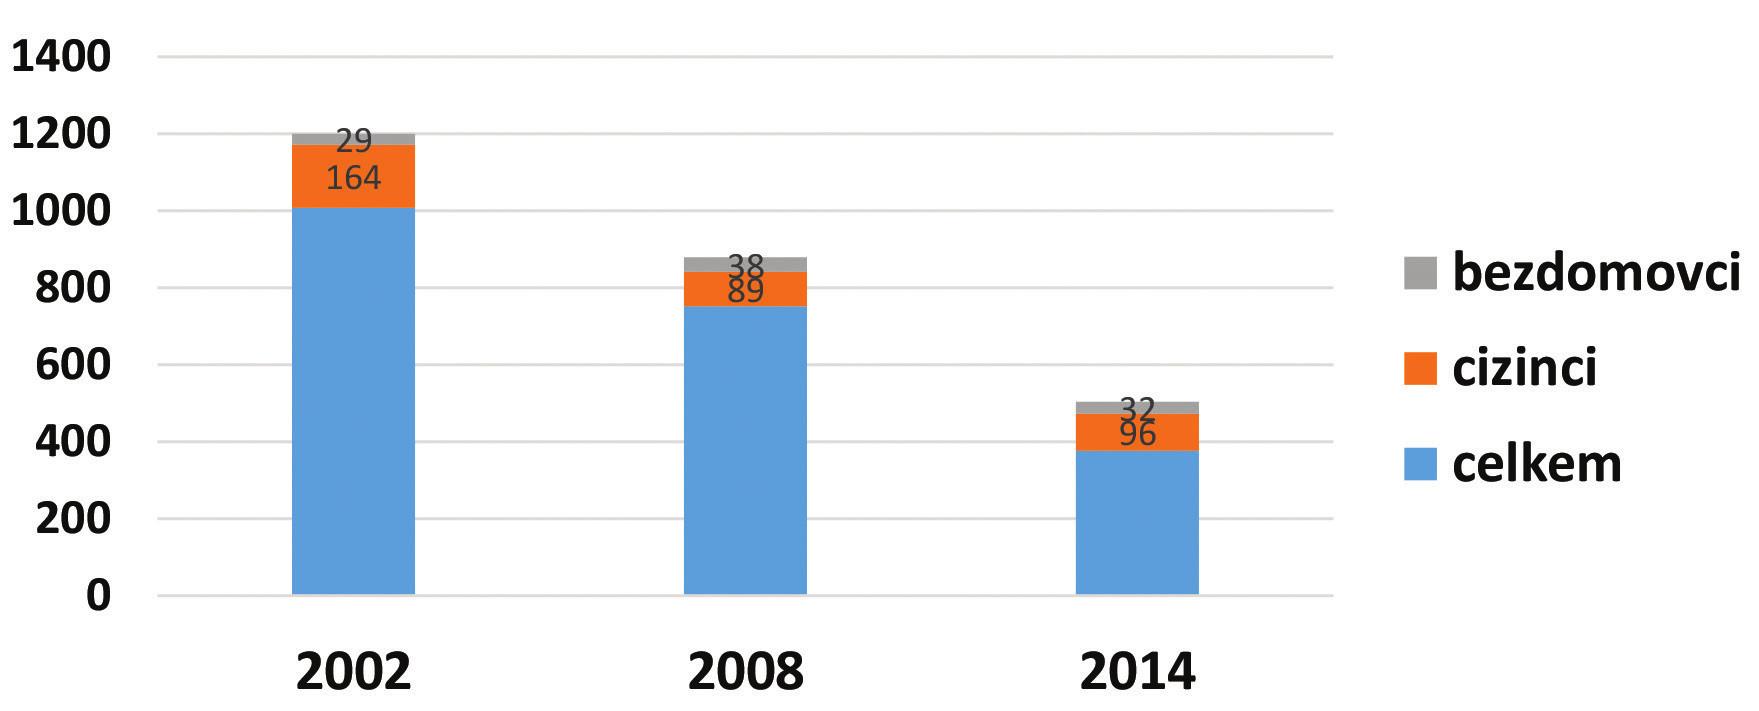 Vývoj podílu cizinců a bezdomovců na počtu hlášených onemocnění tuberkulózou